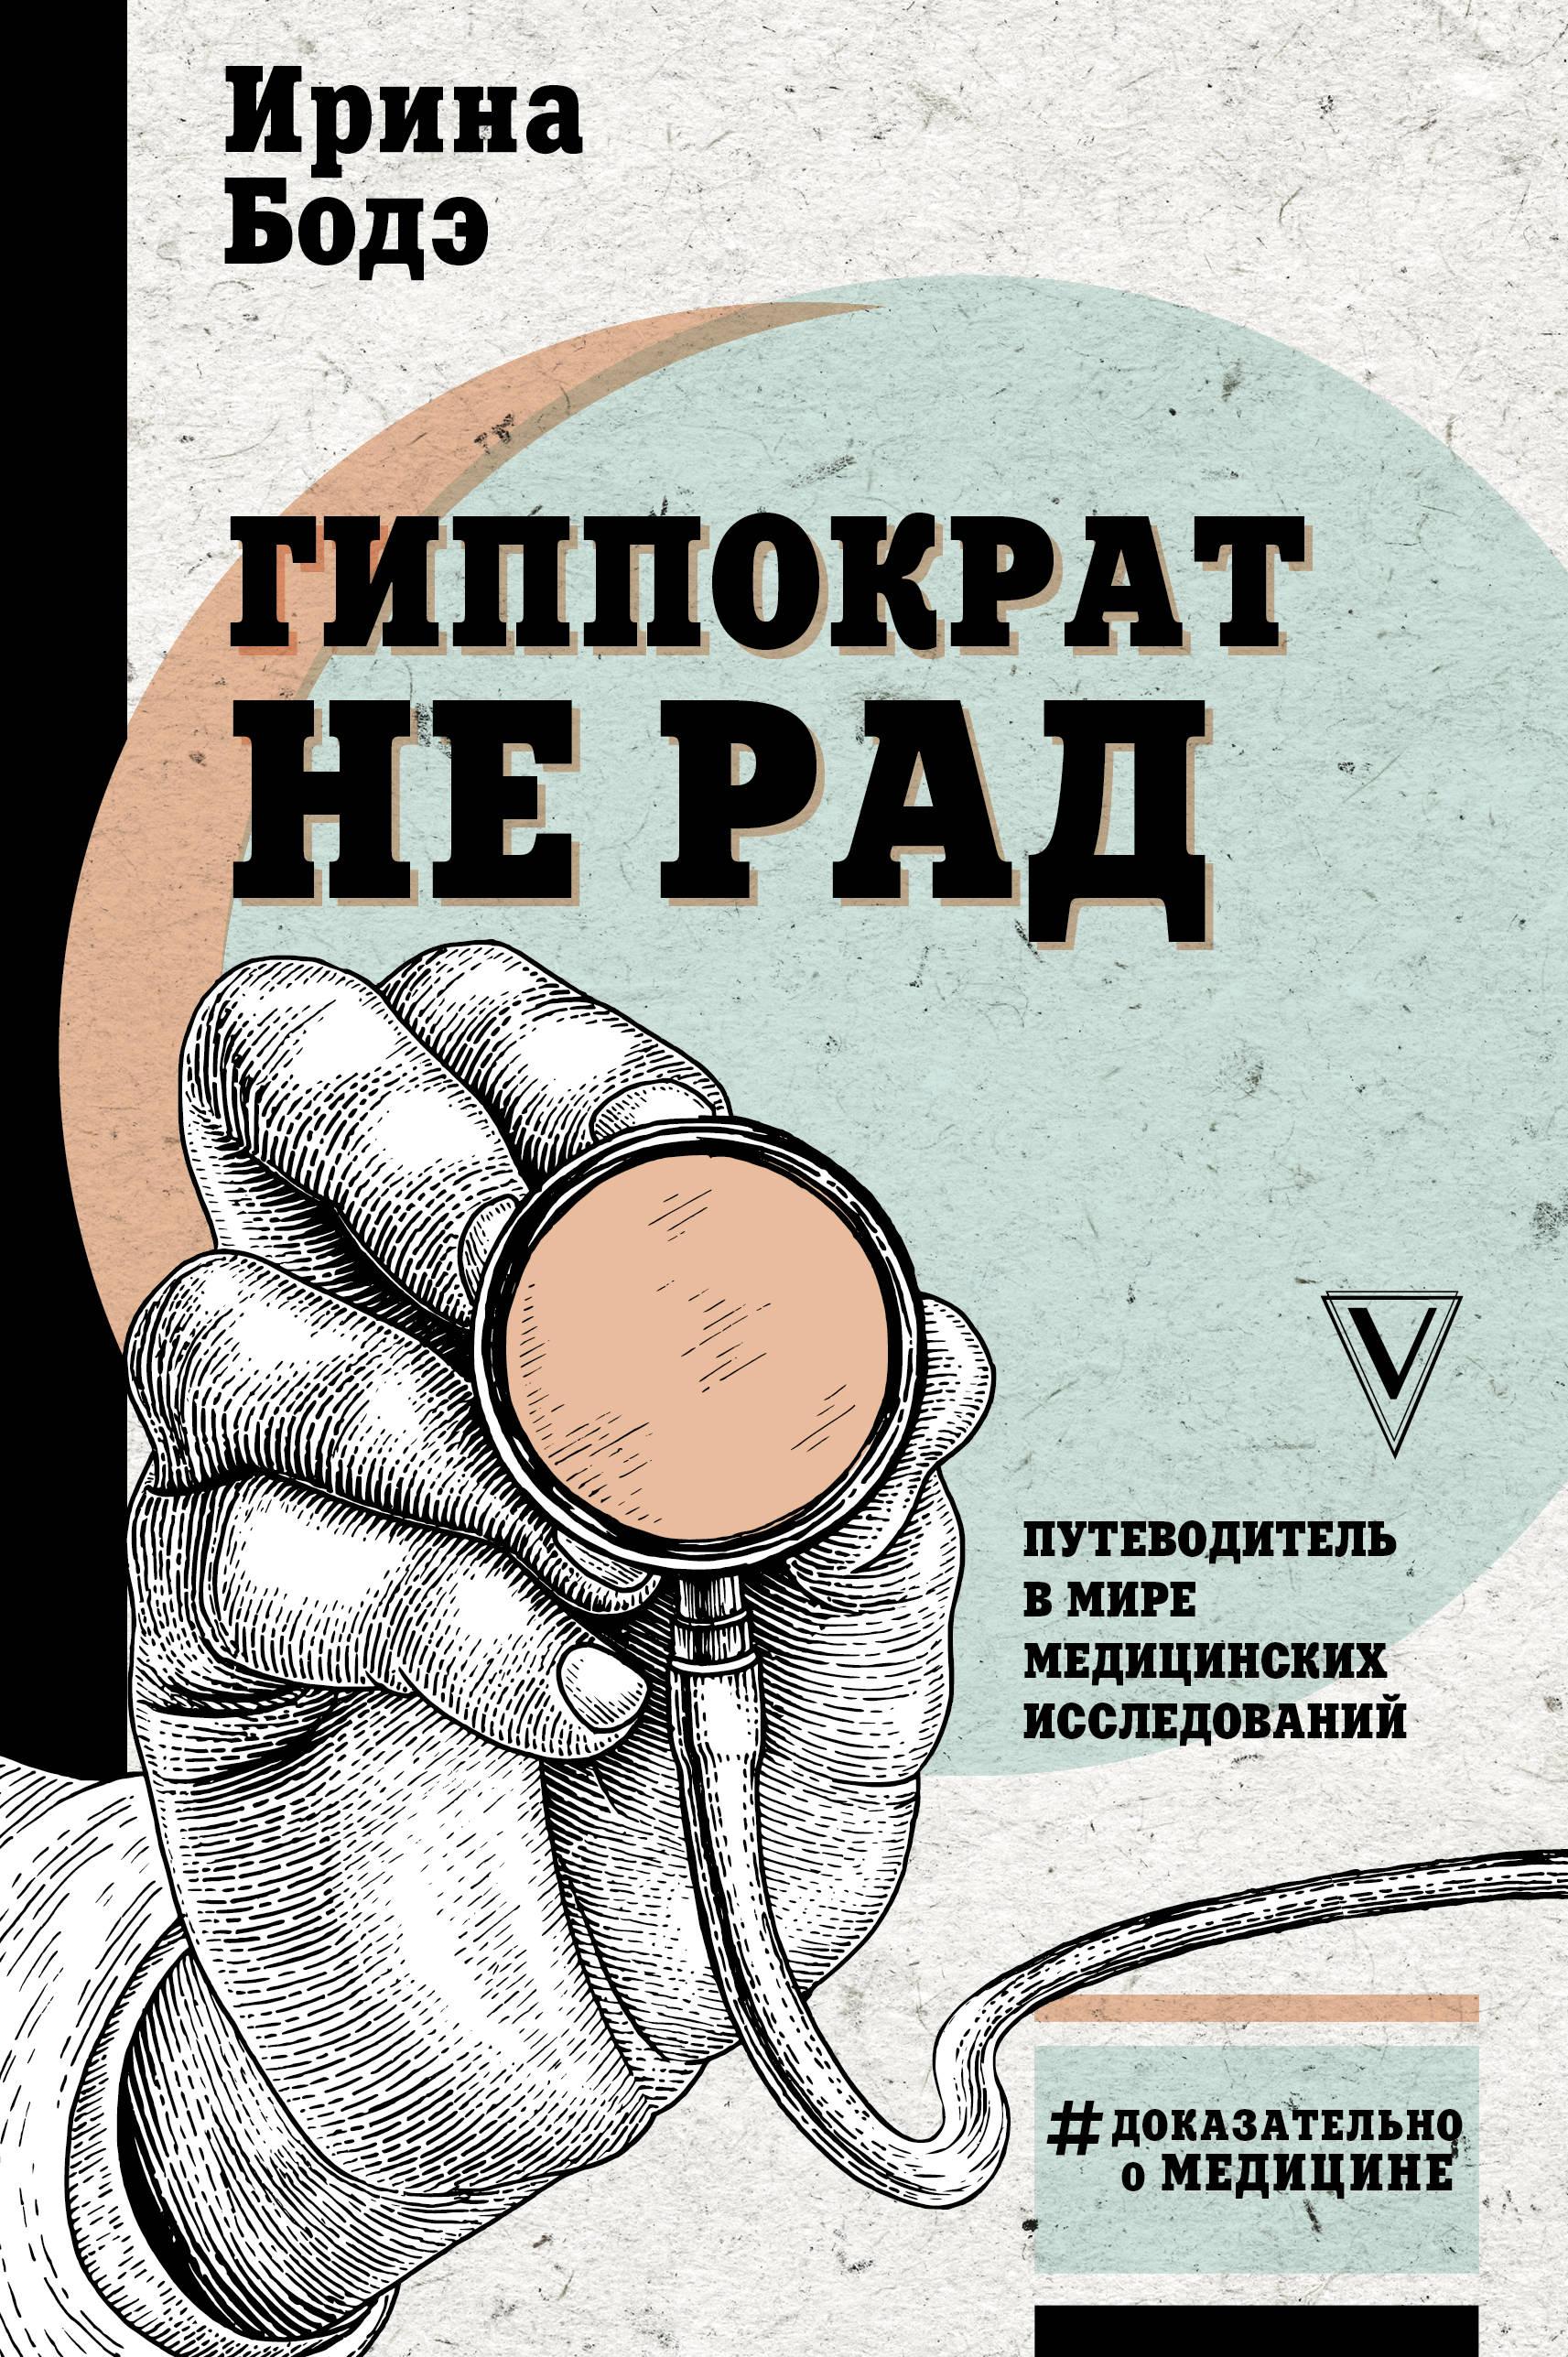 Гиппократ не рад. Путеводитель в мире медицинских исследований ( Бодэ Ирина Игоревна  )